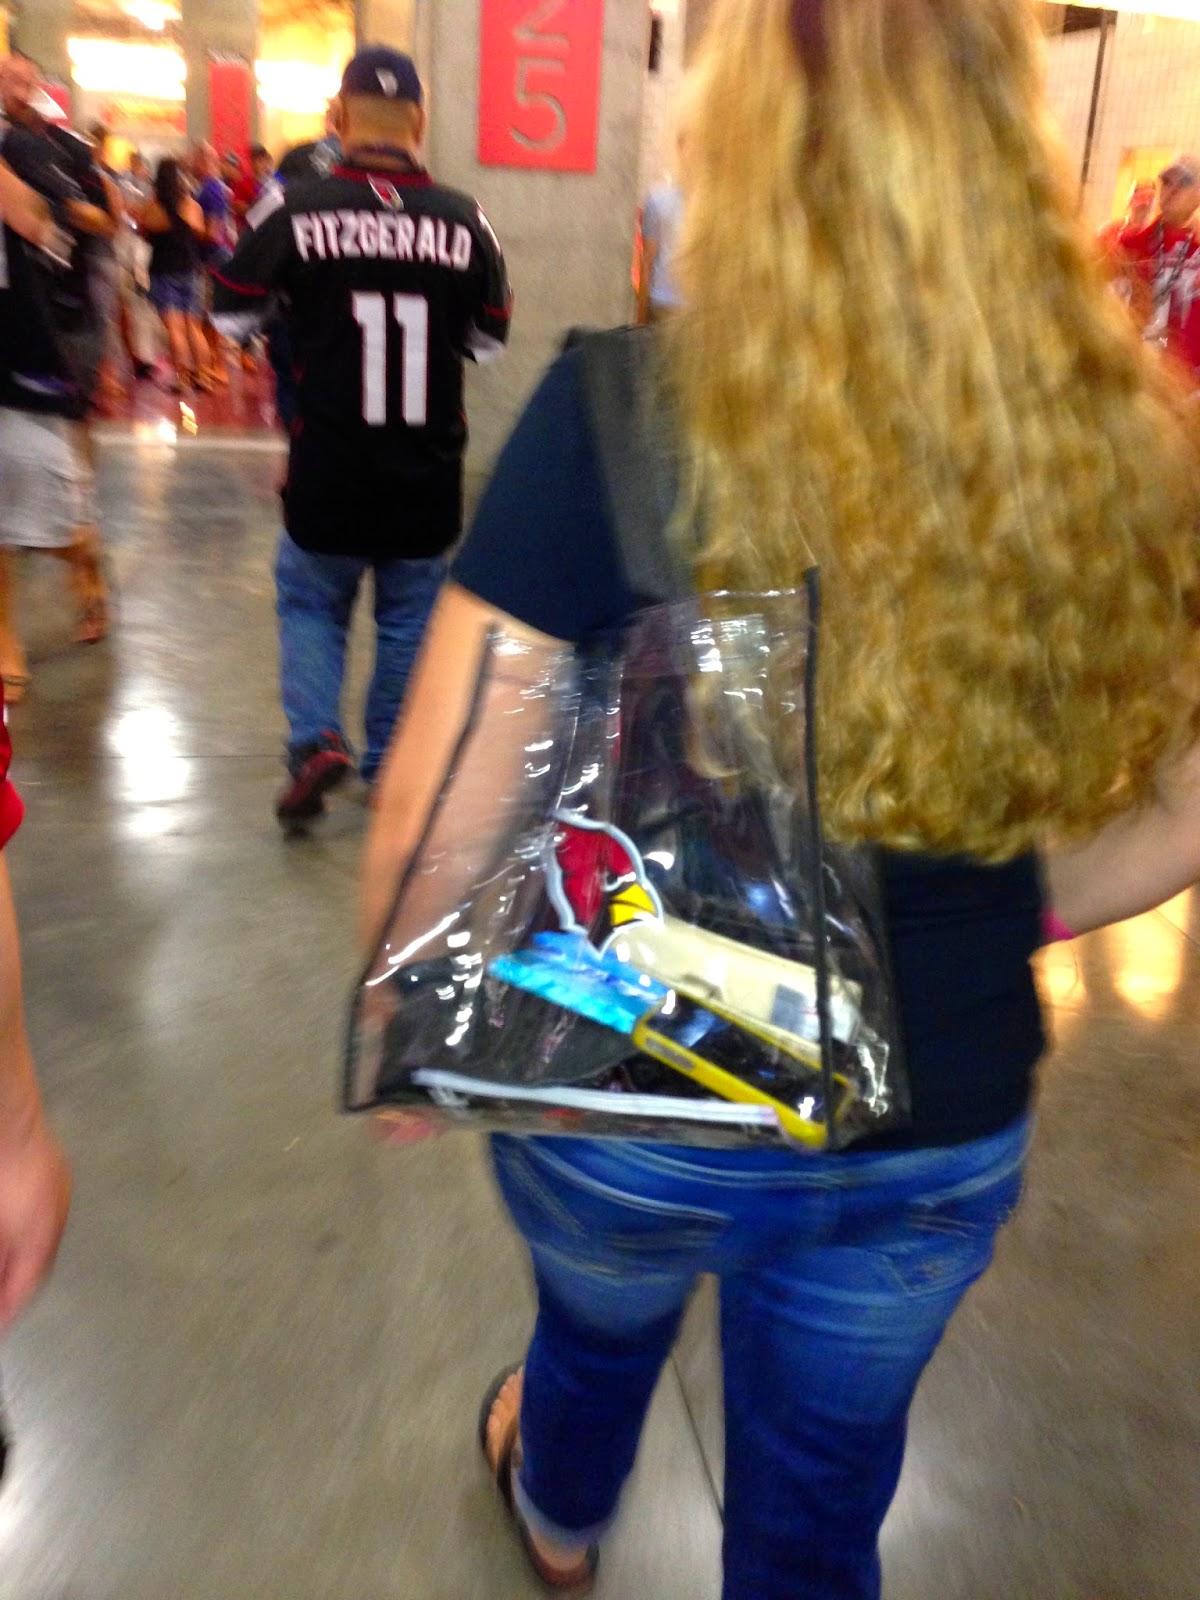 NFL Cardinals clear bag - Hello, Handbag